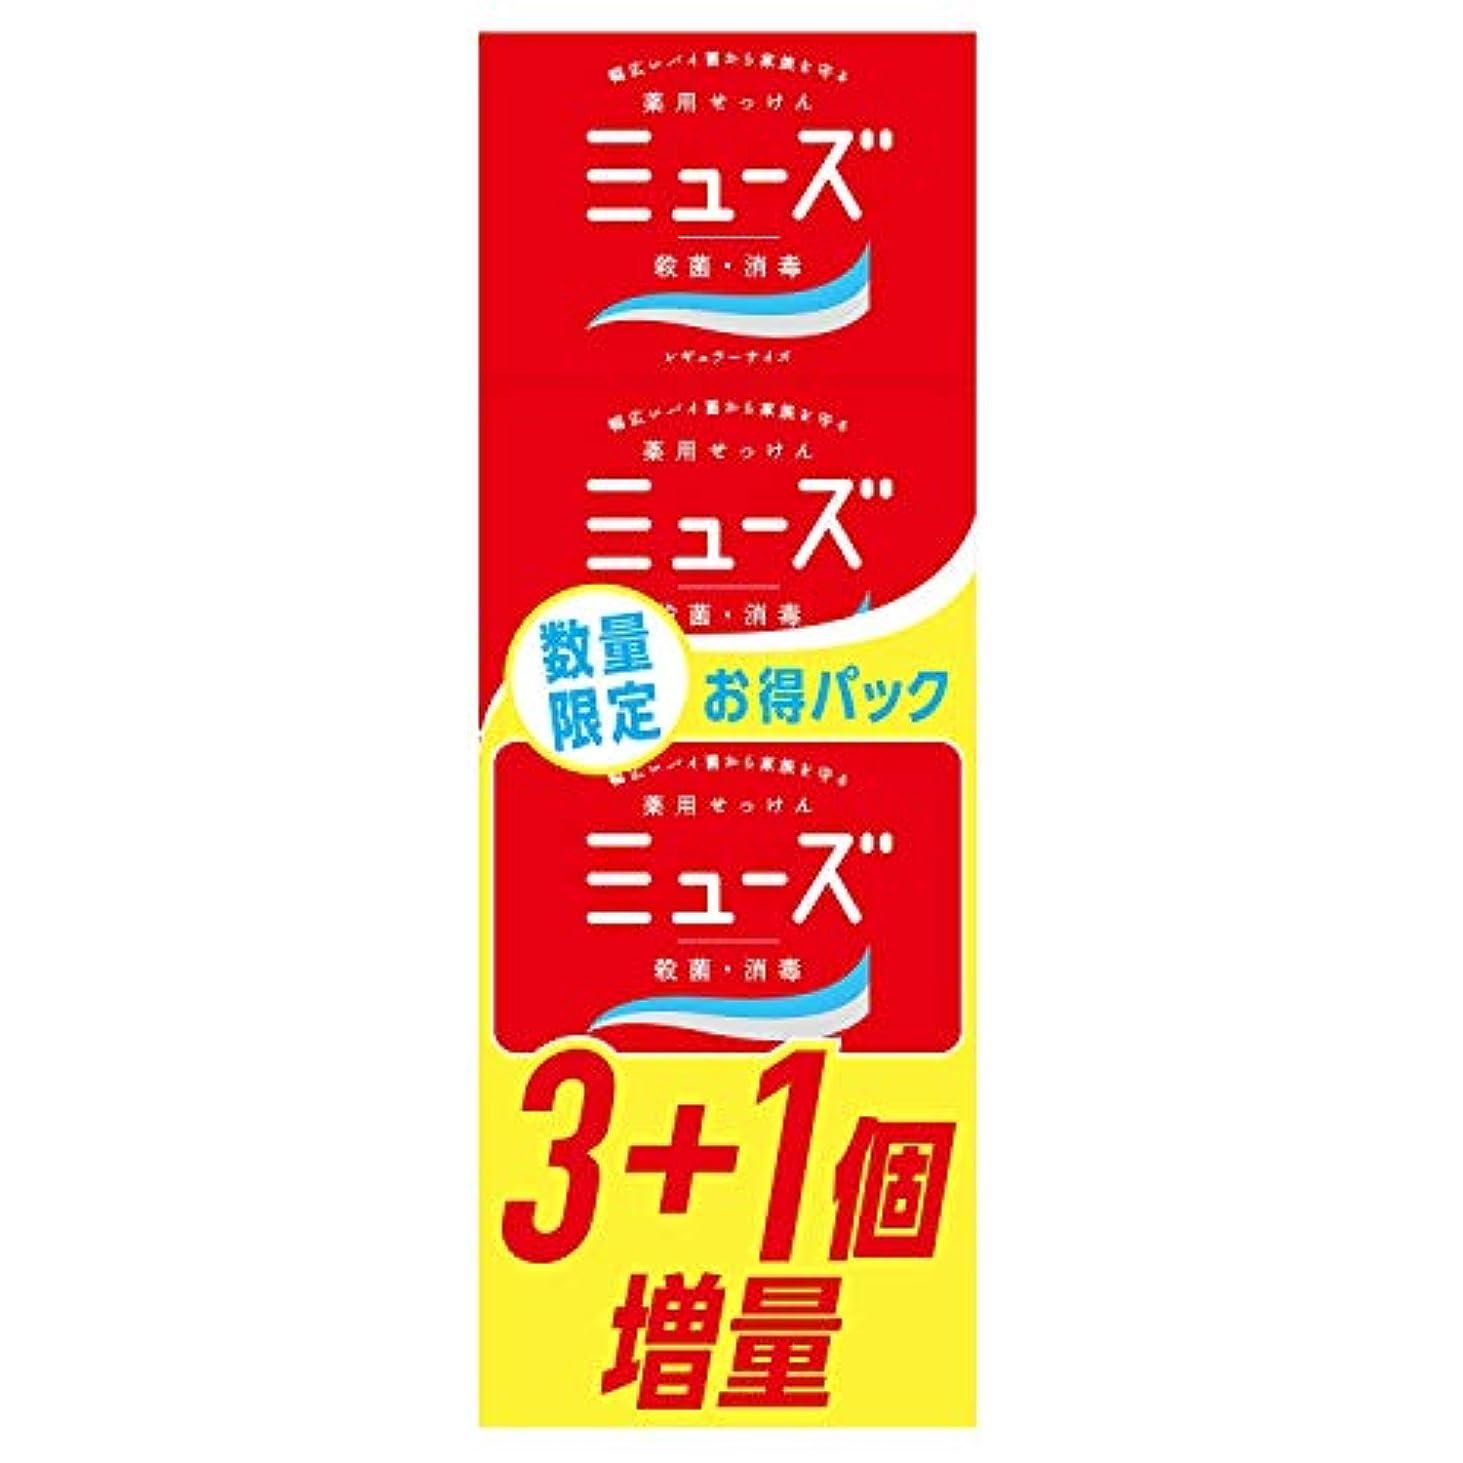 セーブスカーフ問い合わせる【医薬部外品】ミューズ石鹸レギュラー 3+1限定品